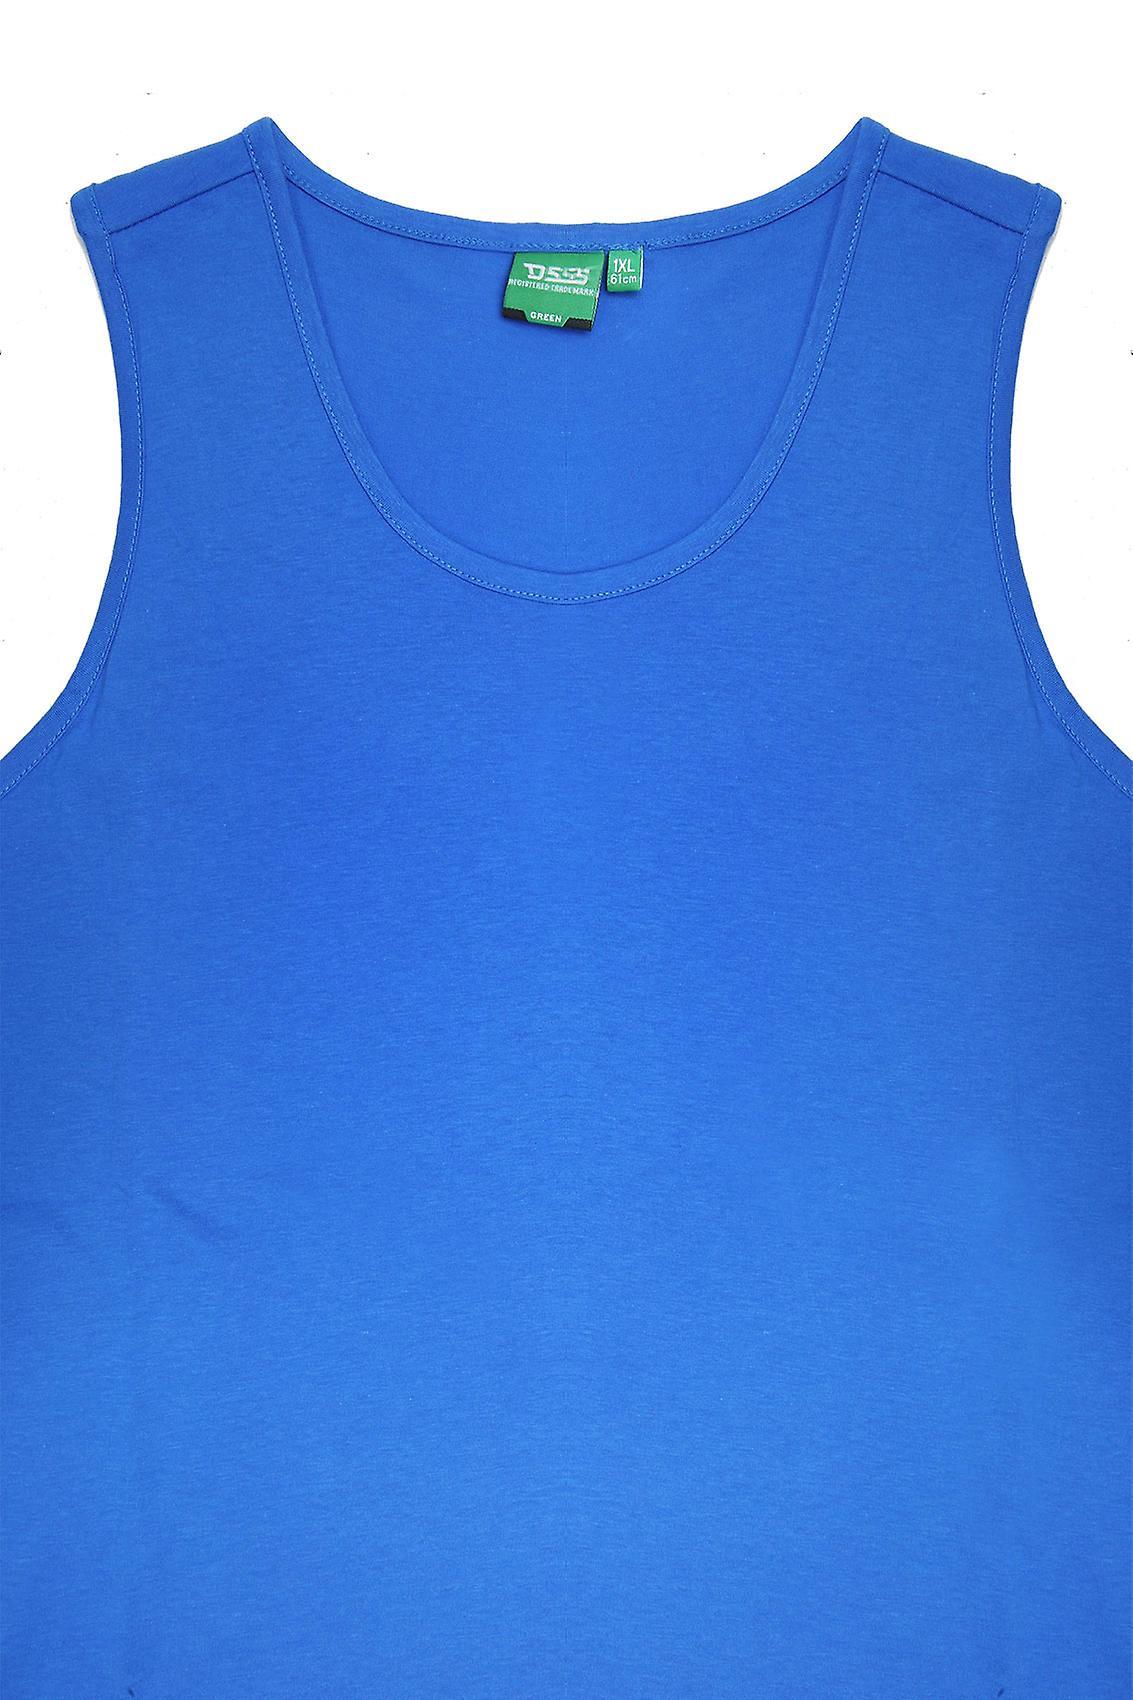 D555 Blue Crew Neck Vest